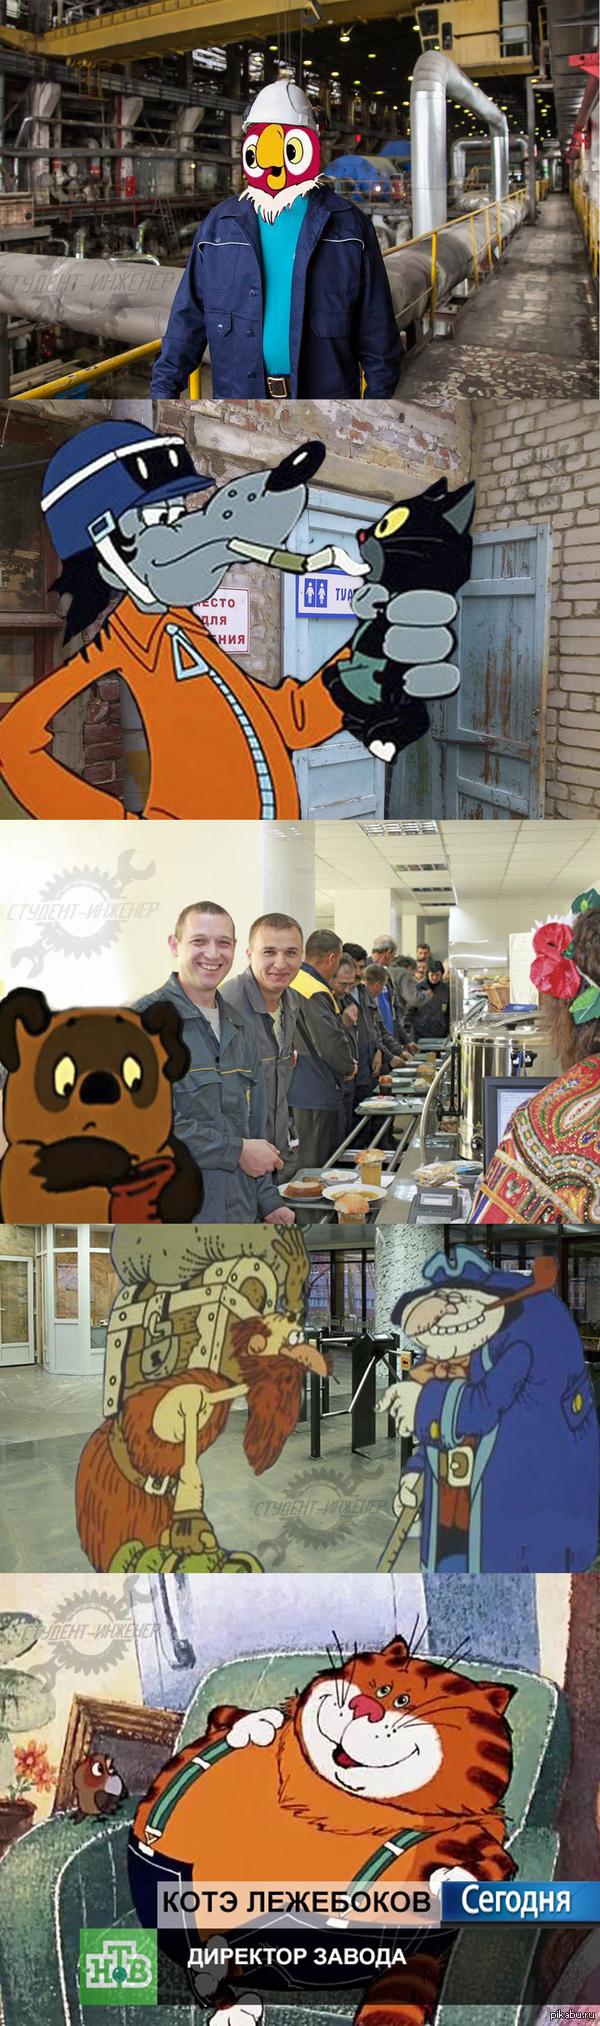 Герои советских мультфильмов в реальной жизни на заводе